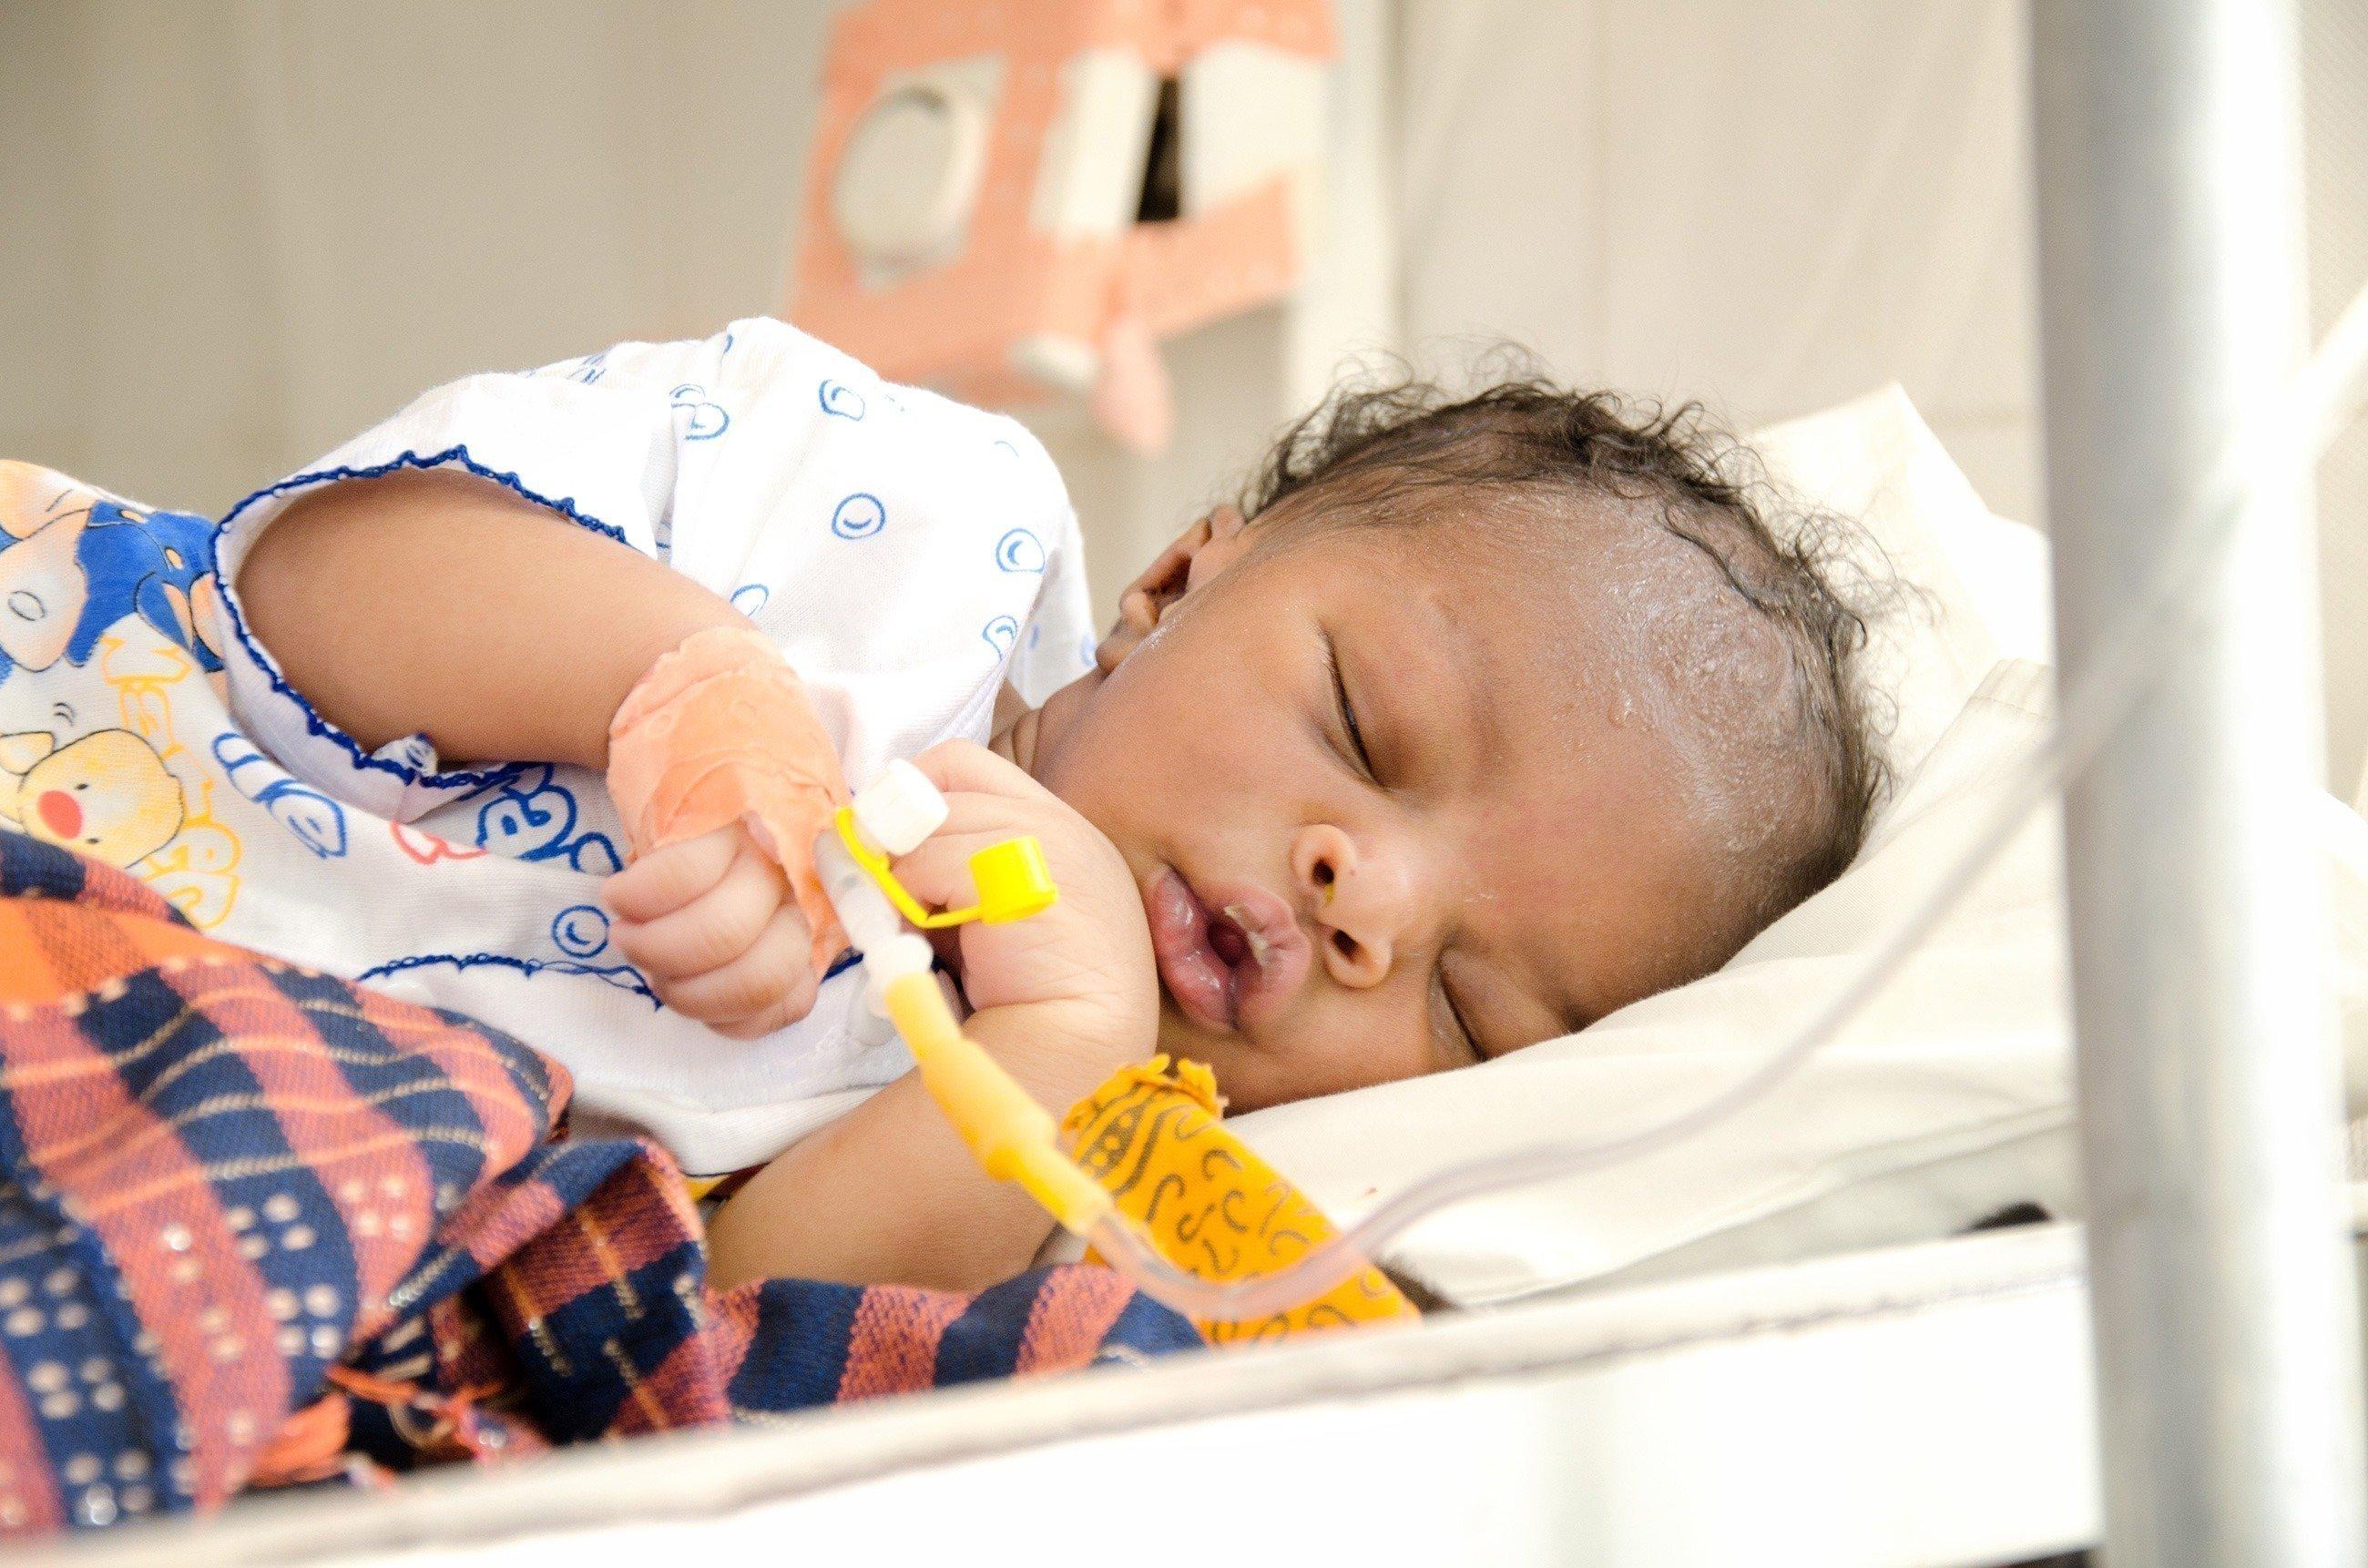 Kleines Baby schläft mit einem intravenösem Zugang an der Hand.